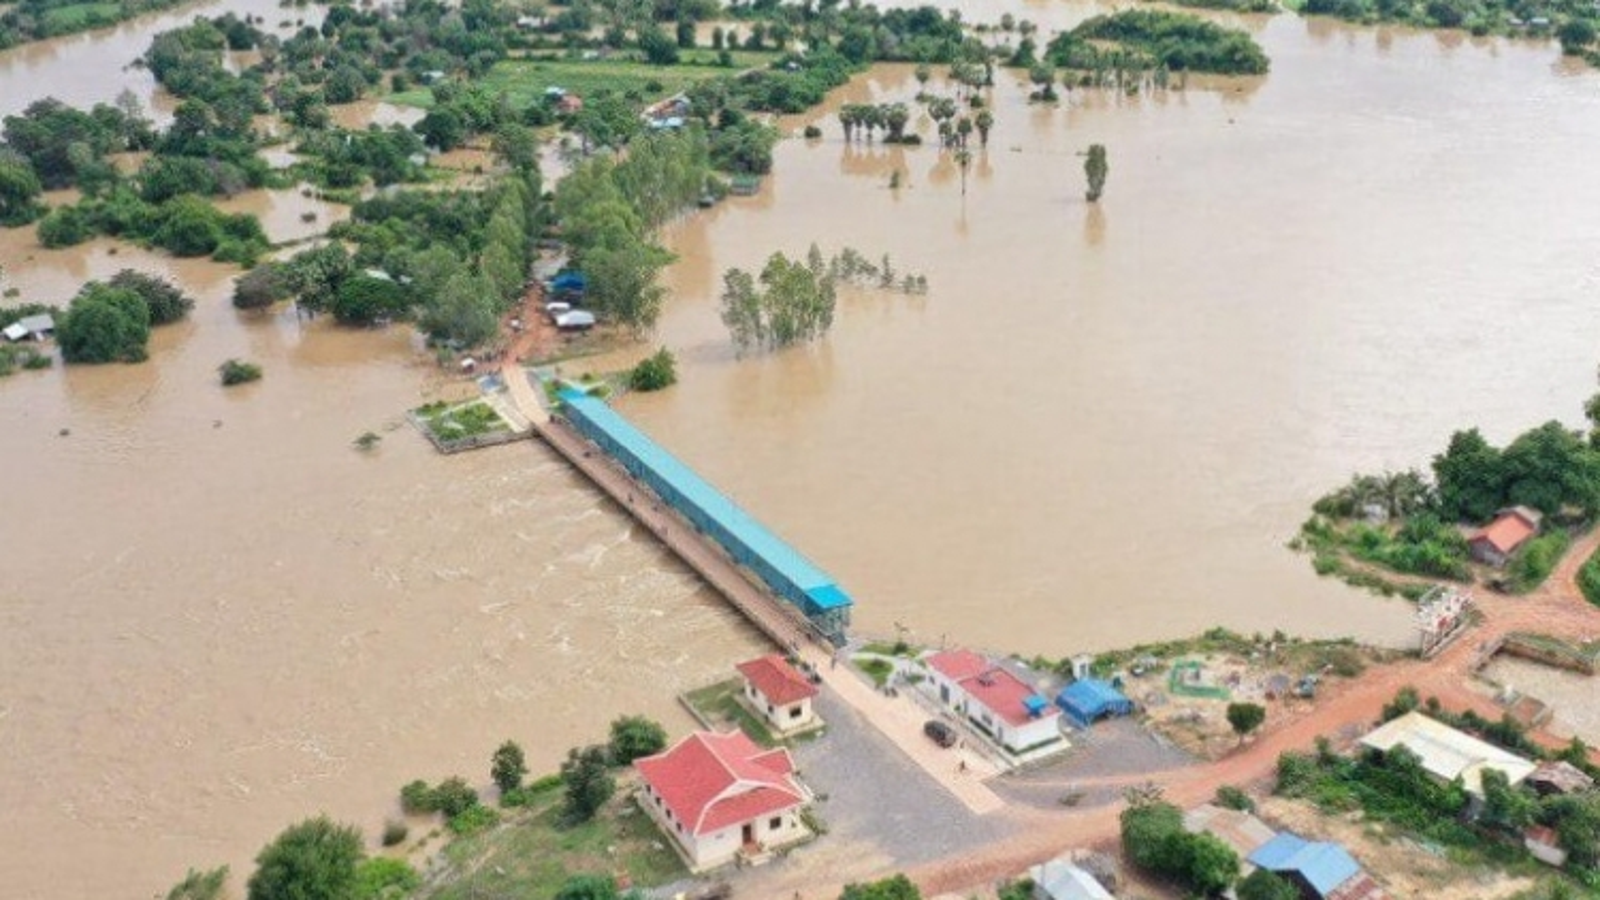 Lũ lụt gây nhiều thiệt hại về người và tài sản ở Campuchia